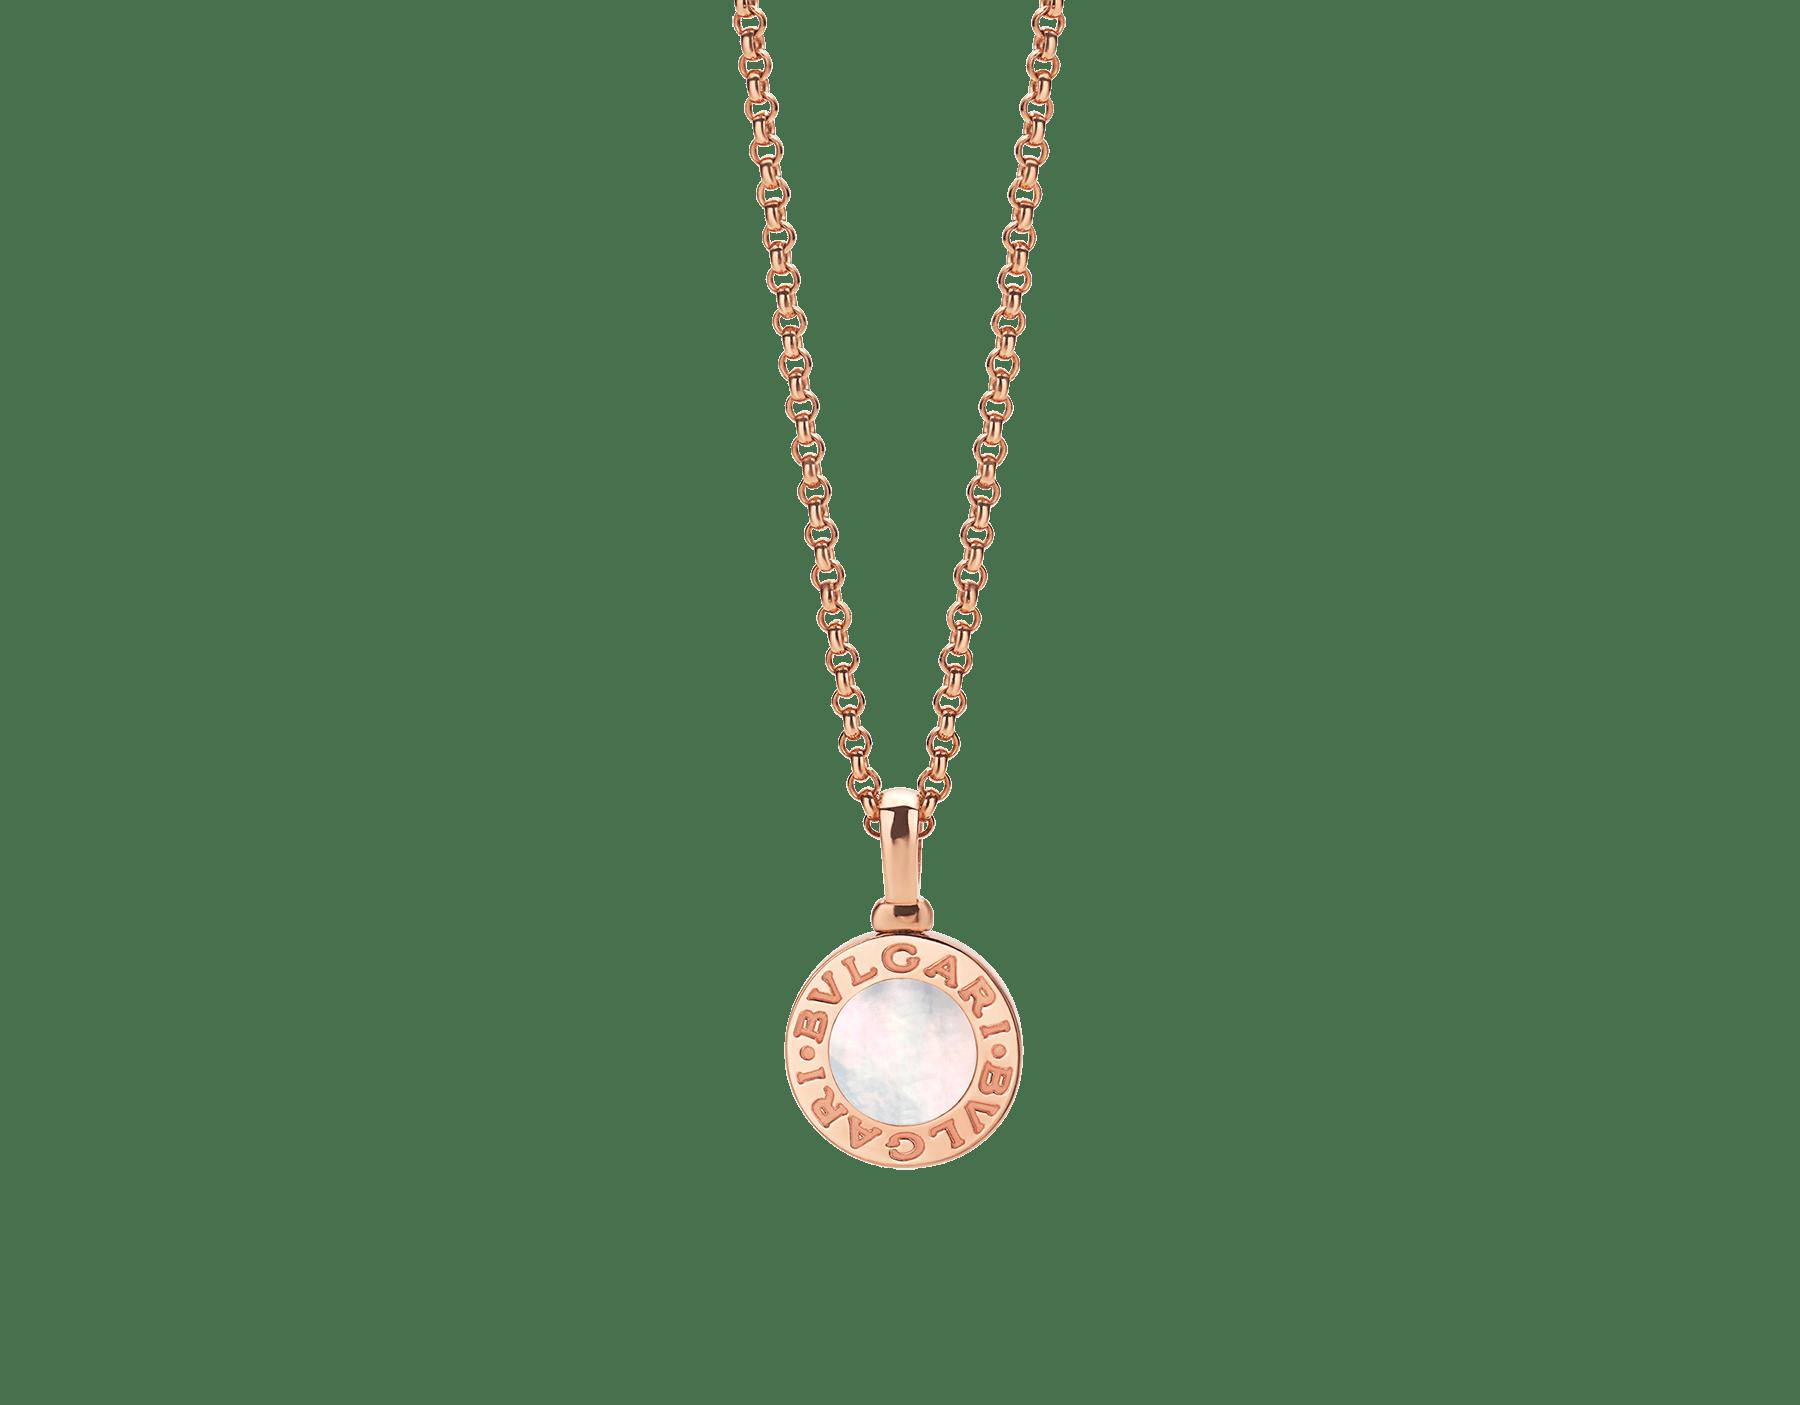 Collar con colgante BVLGARI BVLGARI en oro rosa de 18qt con inserción de madreperla y personalizable con grabado en el reverso 358376 image 1